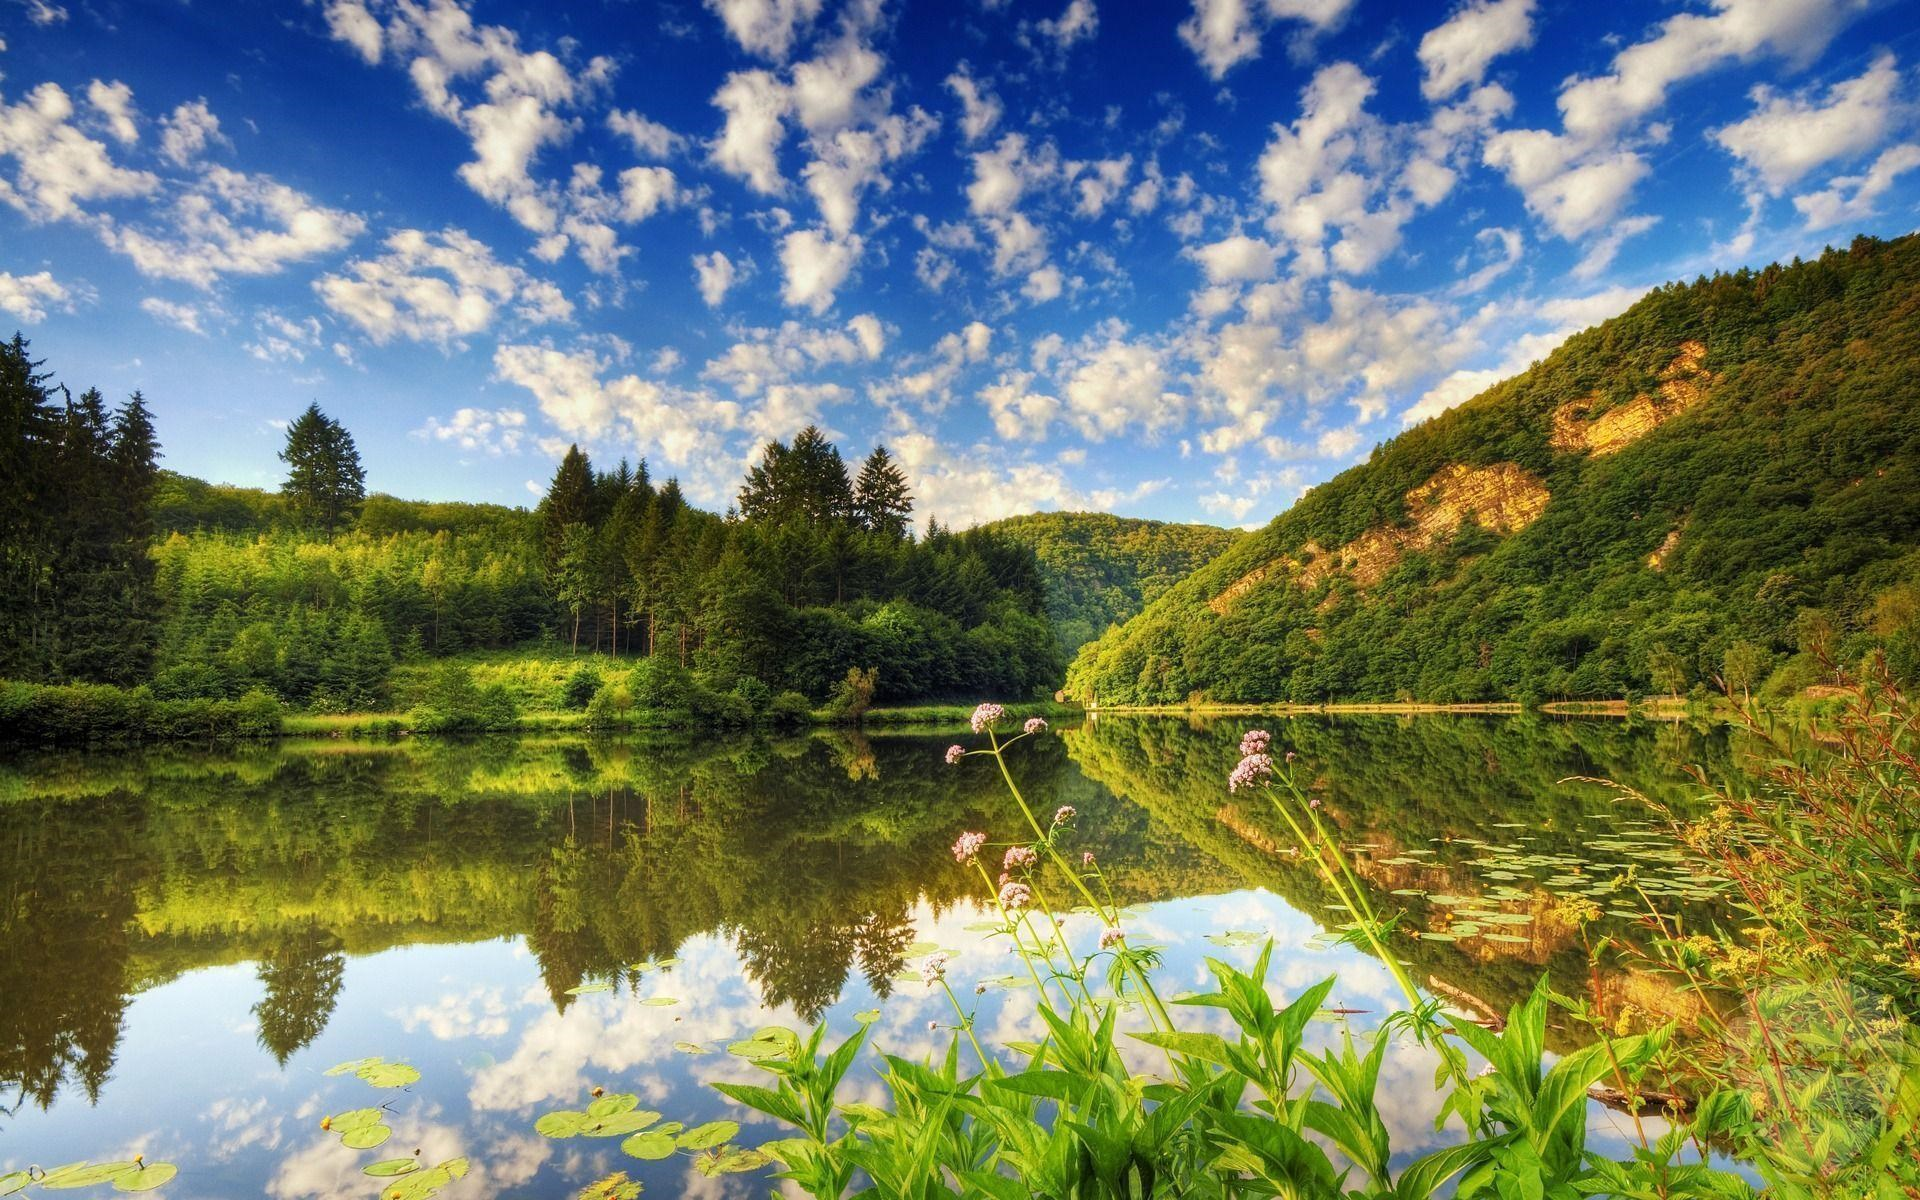 صور طبيعية خلابة أجمل صور للطبيعة صور من الطبيعة الحية 5